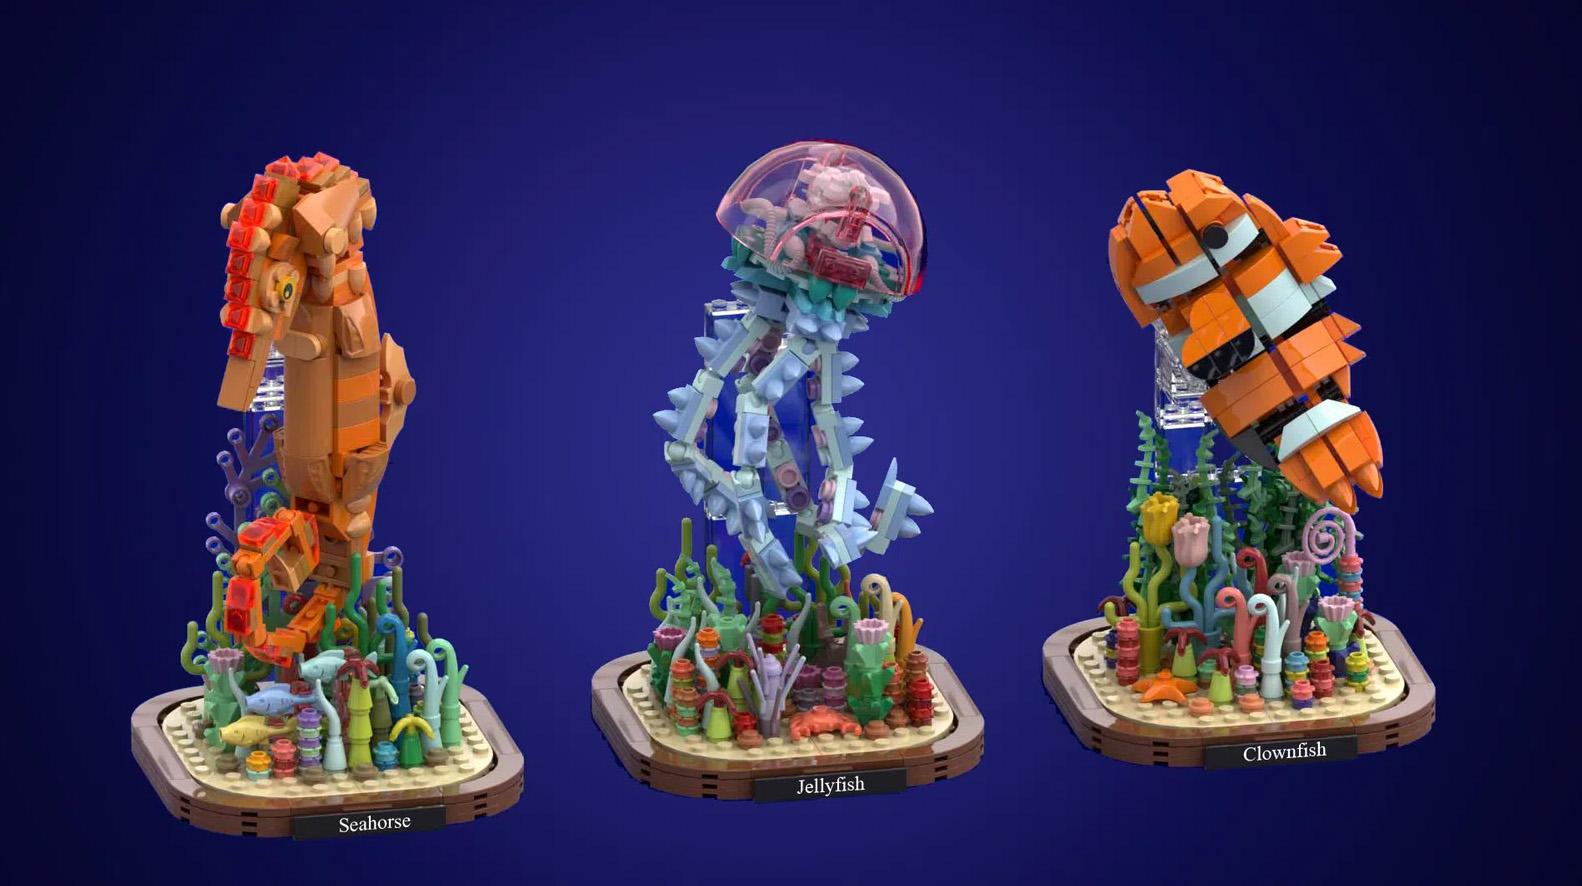 レゴアイデアで『海の生き物』が製品化レビュー進出!2021年第1回1万サポート獲得デザイン紹介